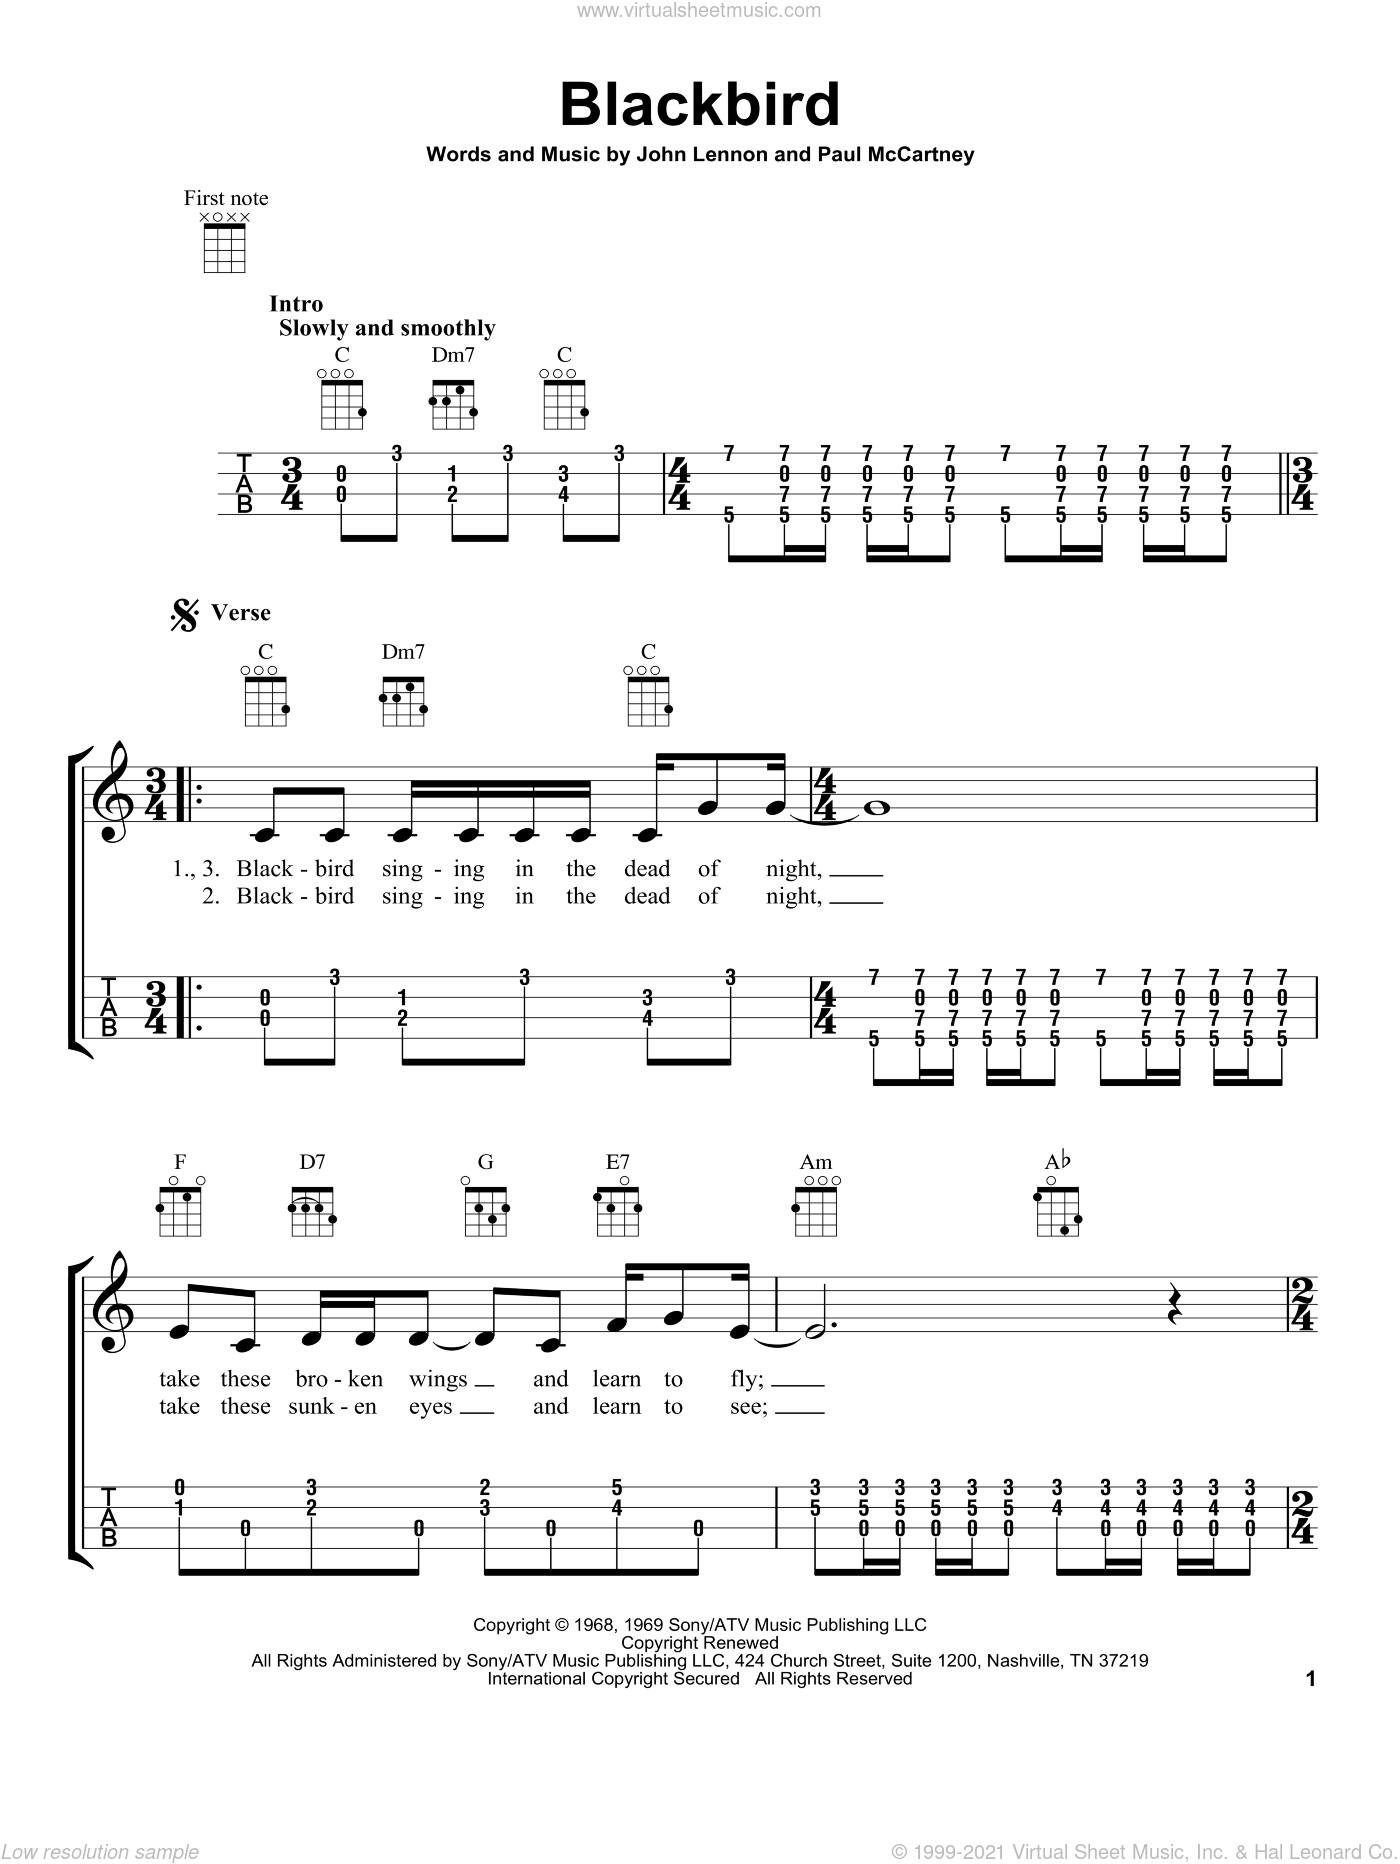 Blackbird sheet music for ukulele by The Beatles, John Lennon and Paul McCartney, intermediate skill level